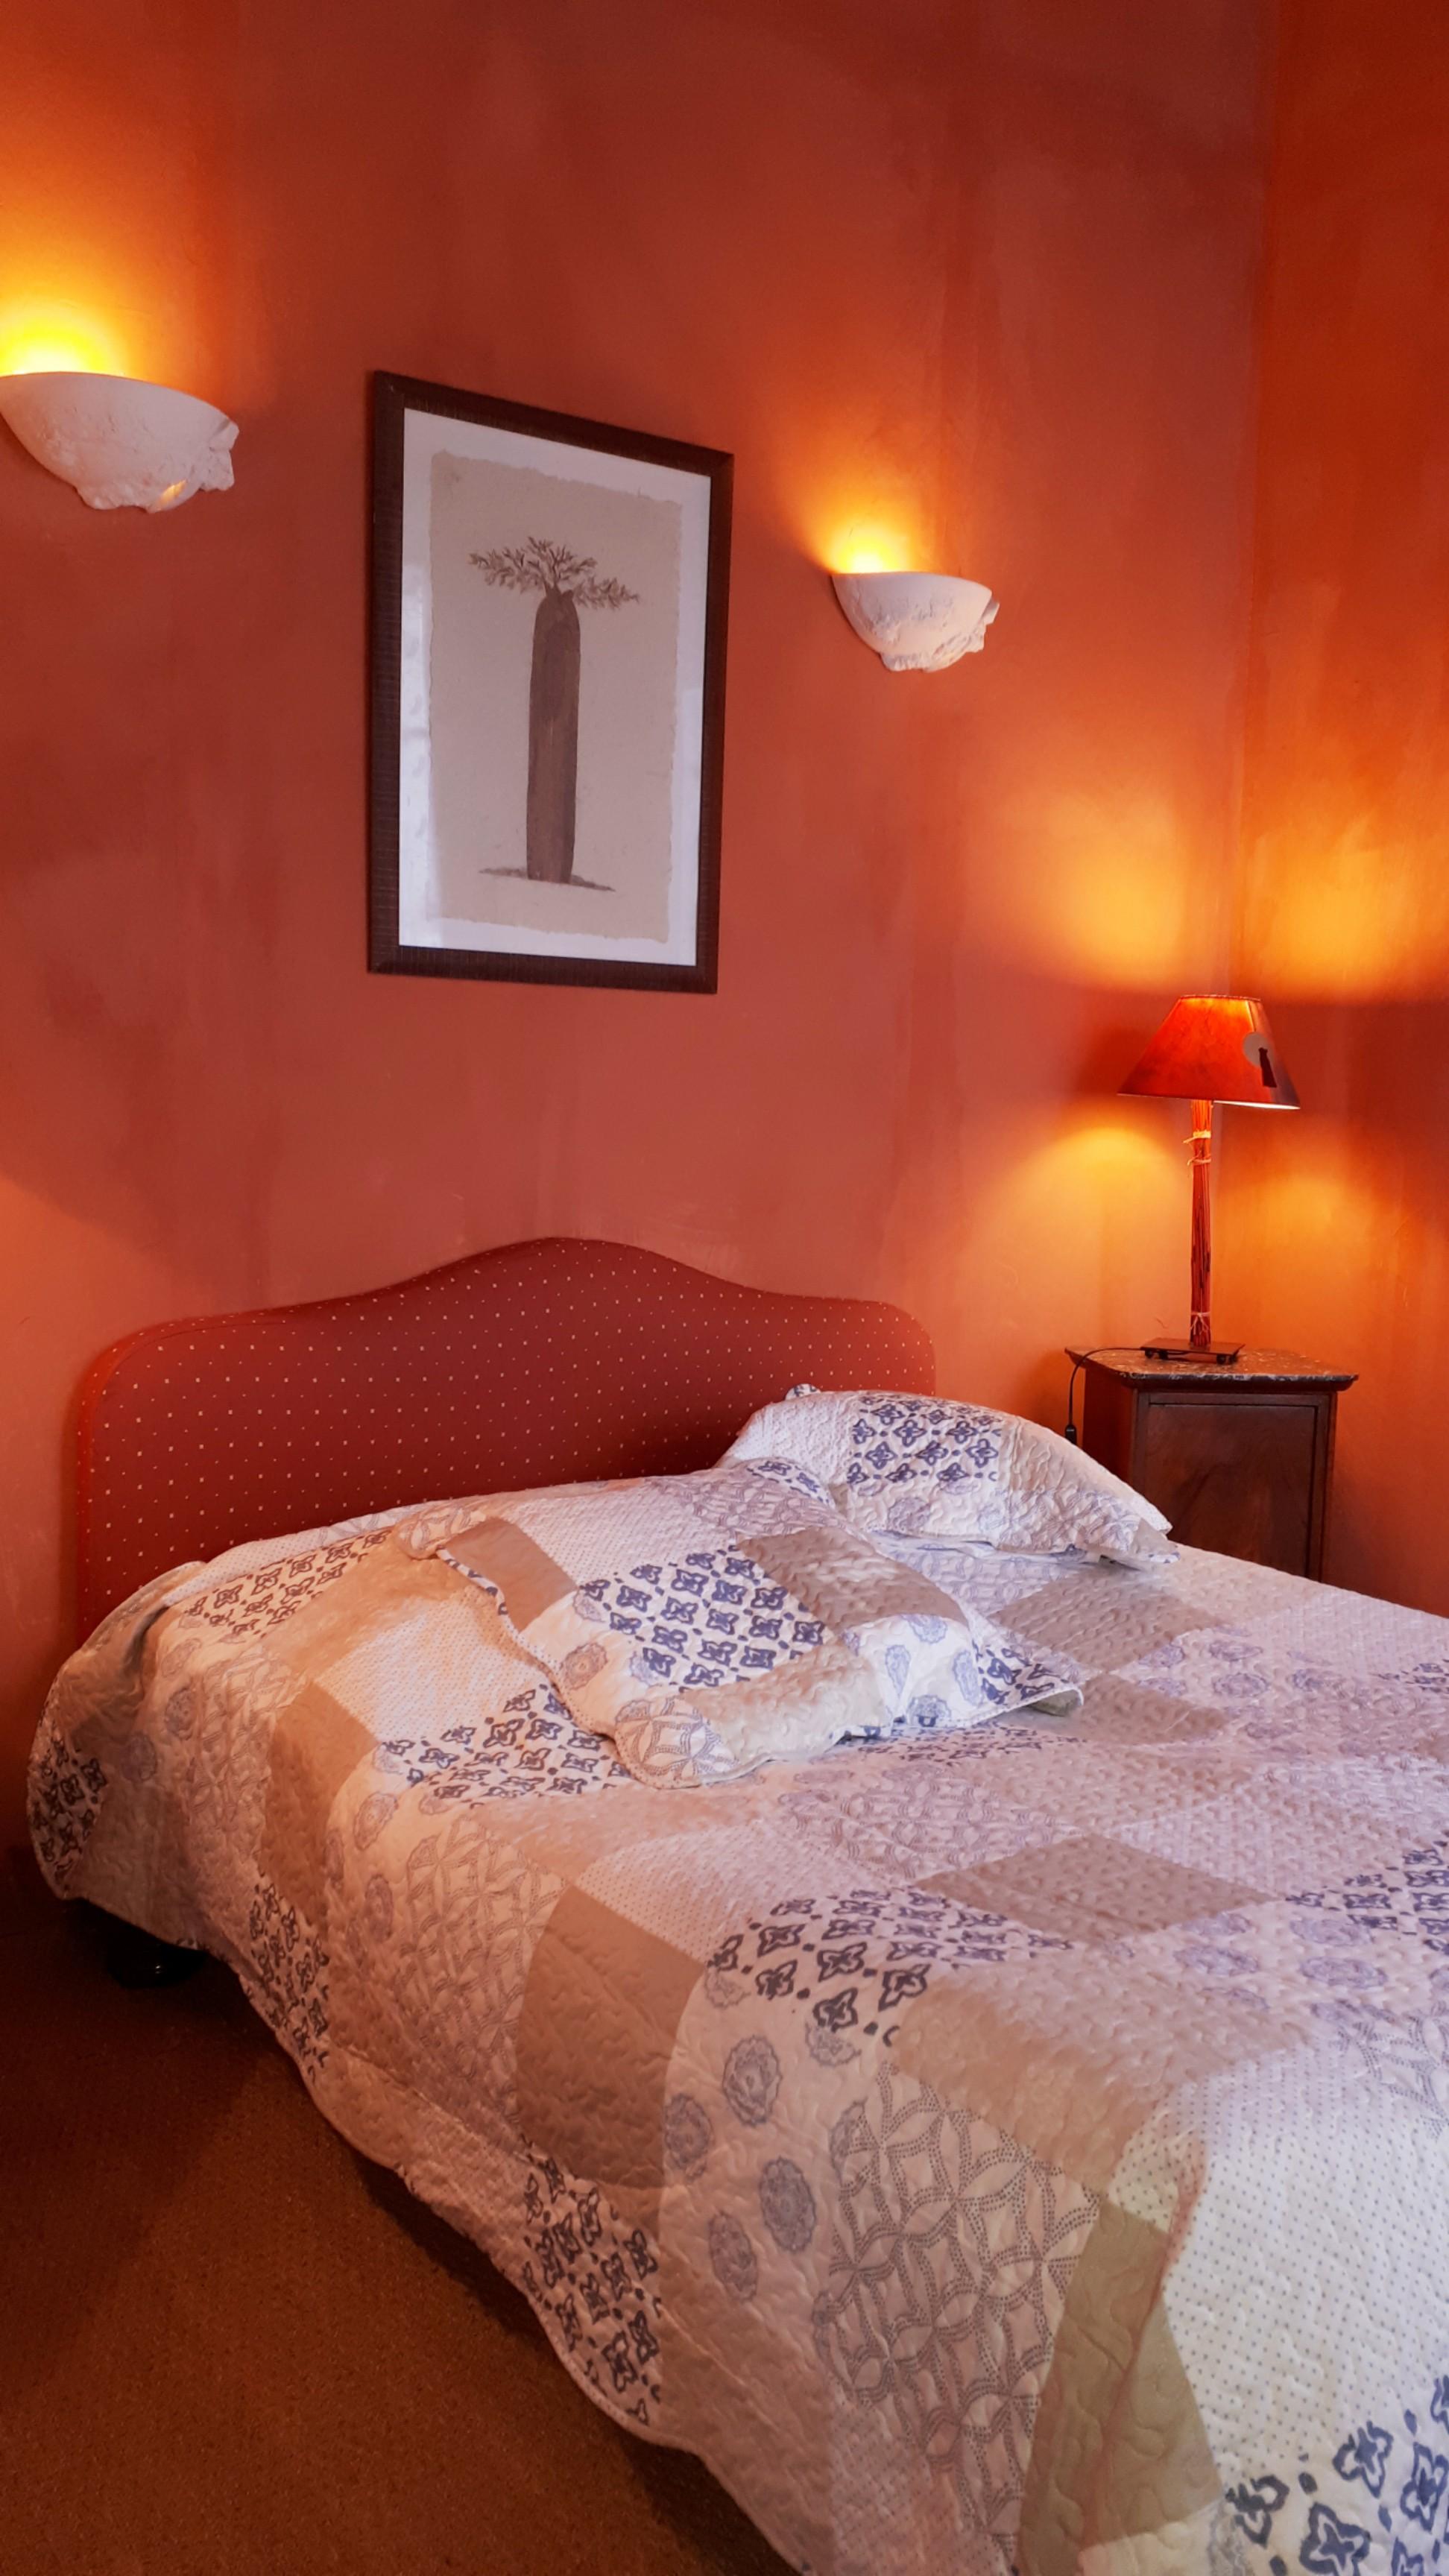 Le gite Les Lavandes proche de Pézenas sud de france. Une belle chambre avec un lit double sous une imposante charpente avec son petit balcon ouvragé.